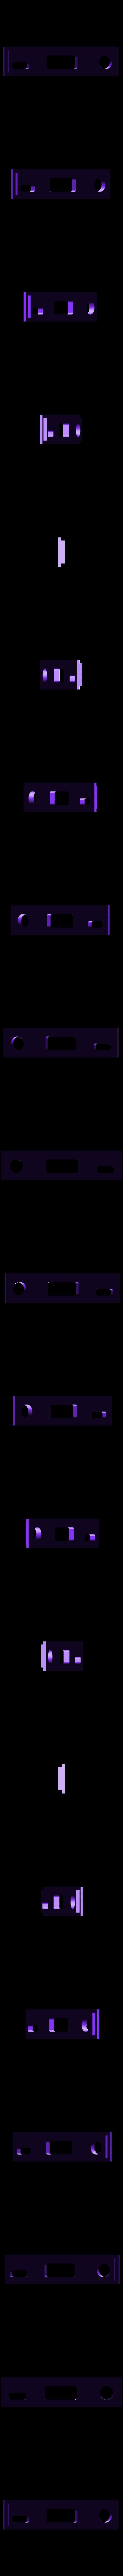 pi-case-face.stl Télécharger fichier STL gratuit CNC Wood Case for Raspberry Pi 3 • Design imprimable en 3D, Adafruit